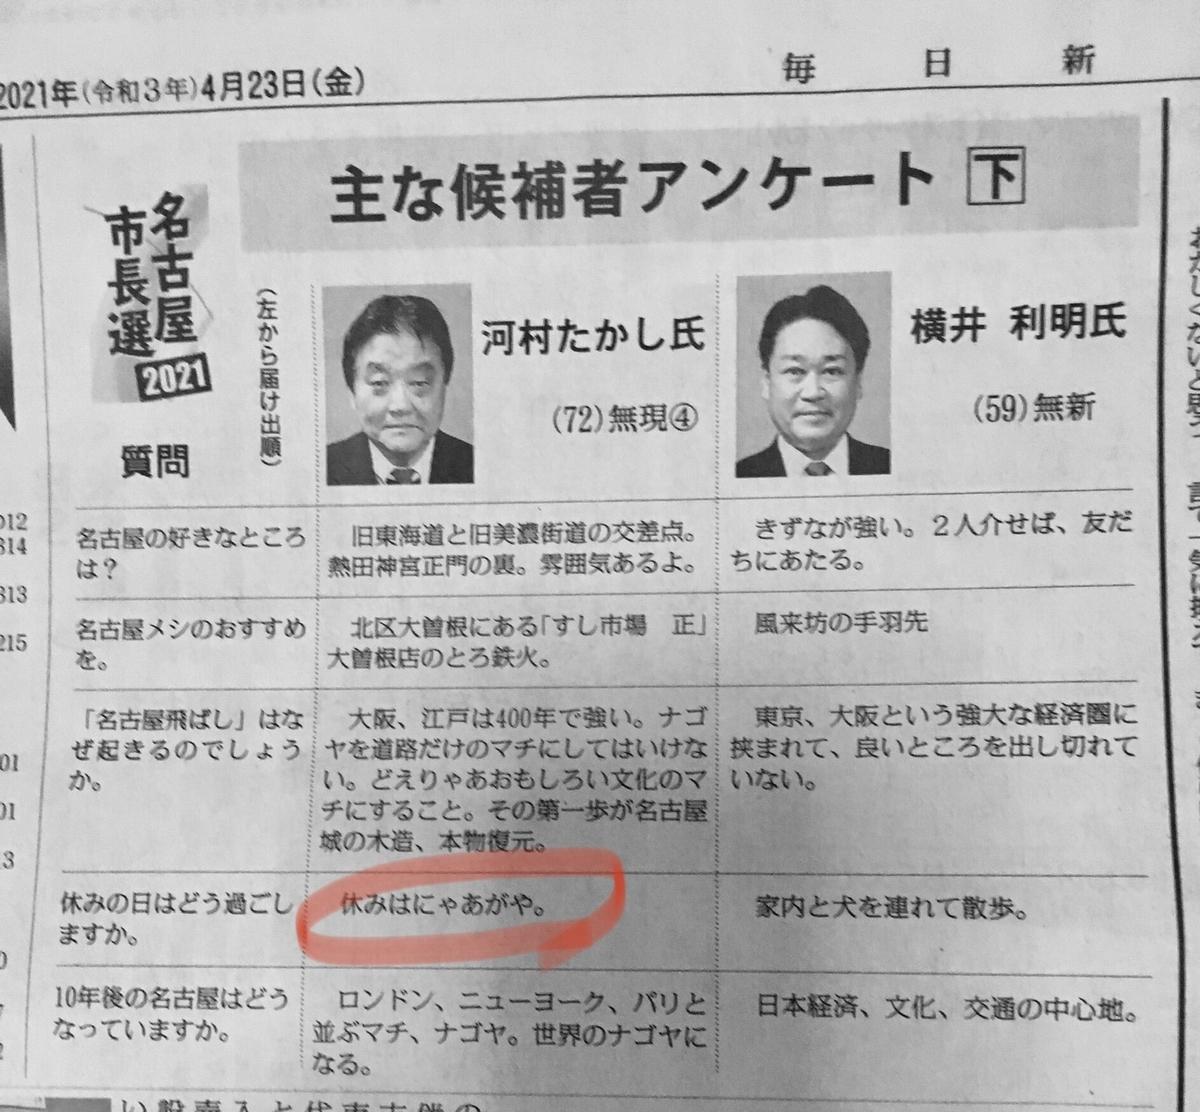 f:id:ichi-nagoyajin:20210509180252j:plain